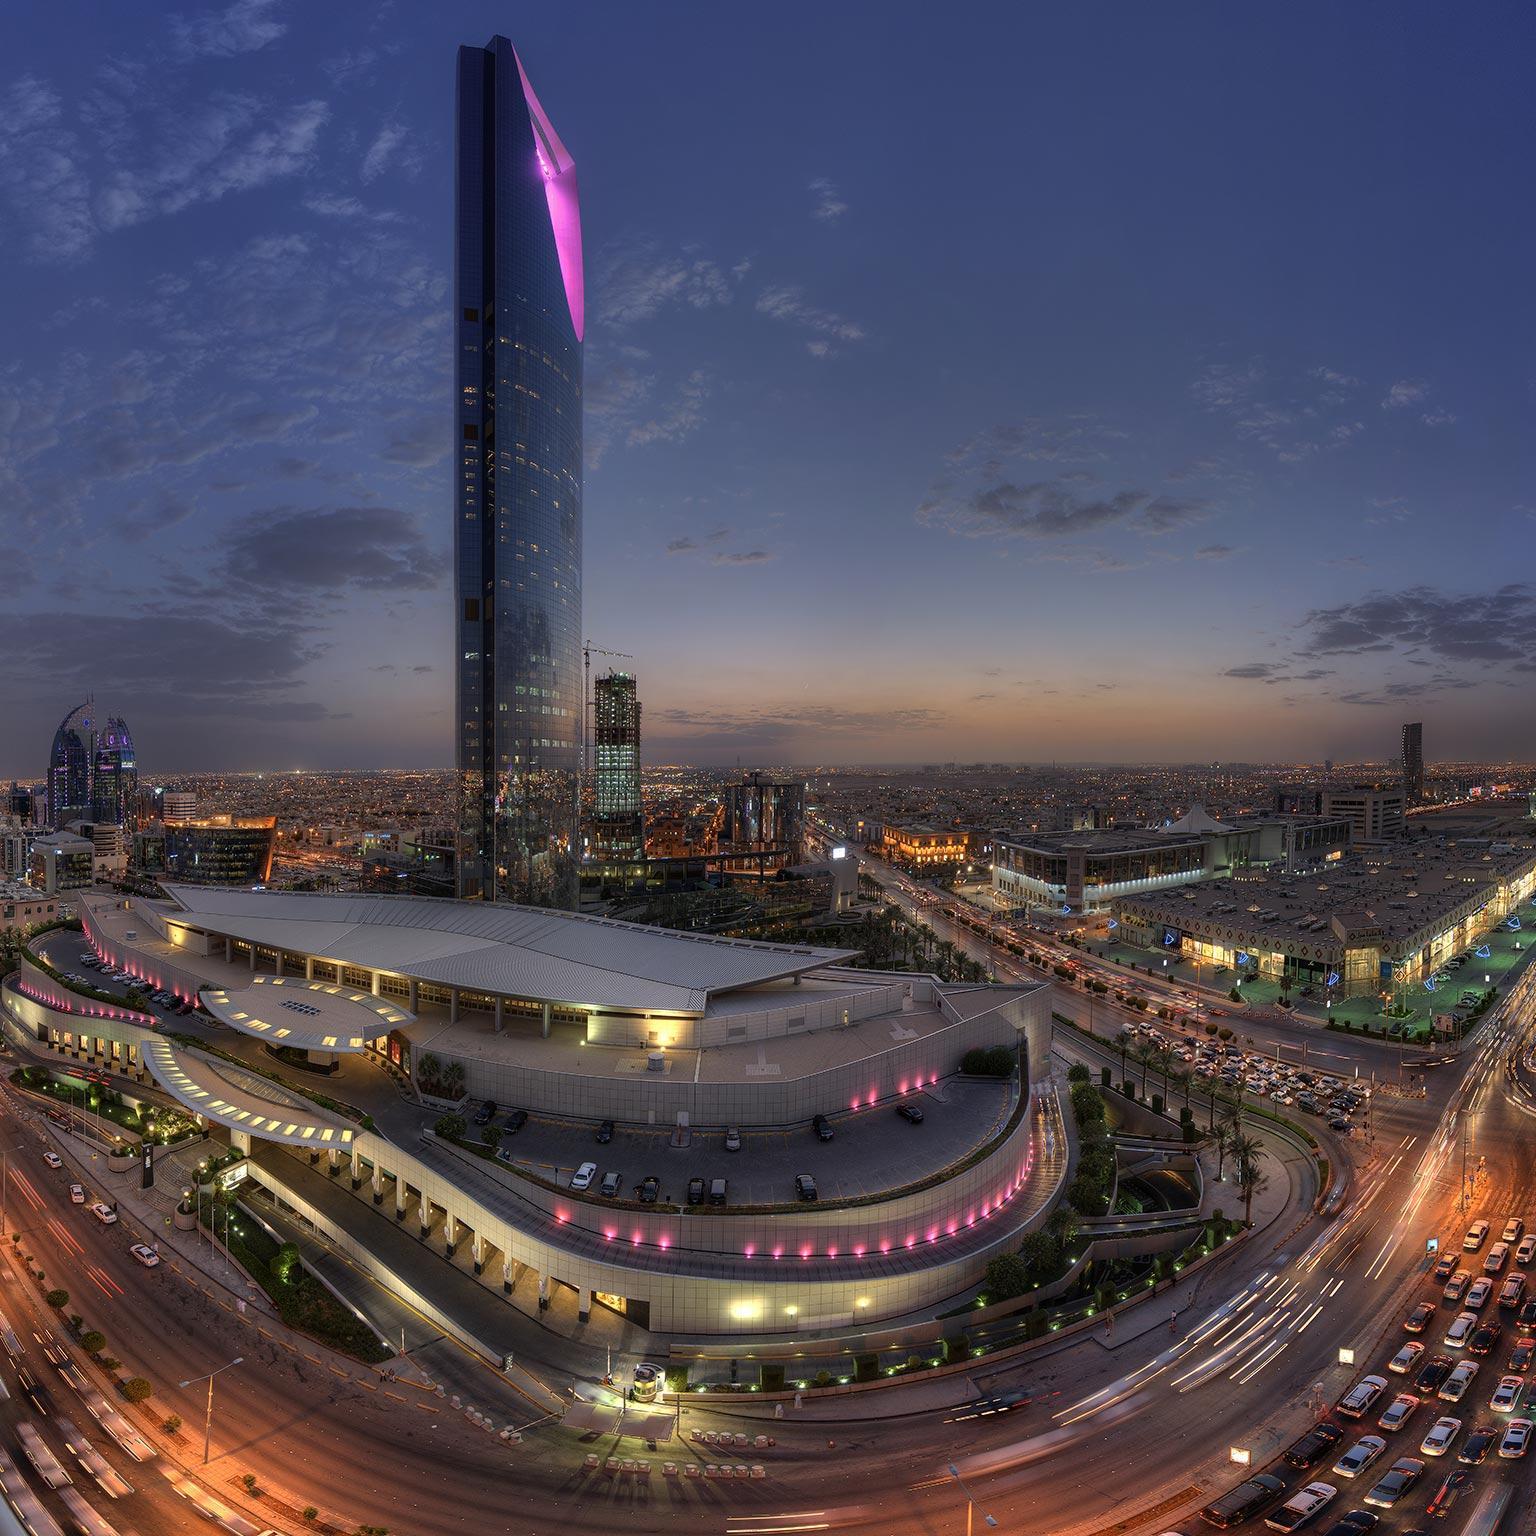 تنزيل صور حلوه اجمل صور من المملكة العربية السعودية - روشه